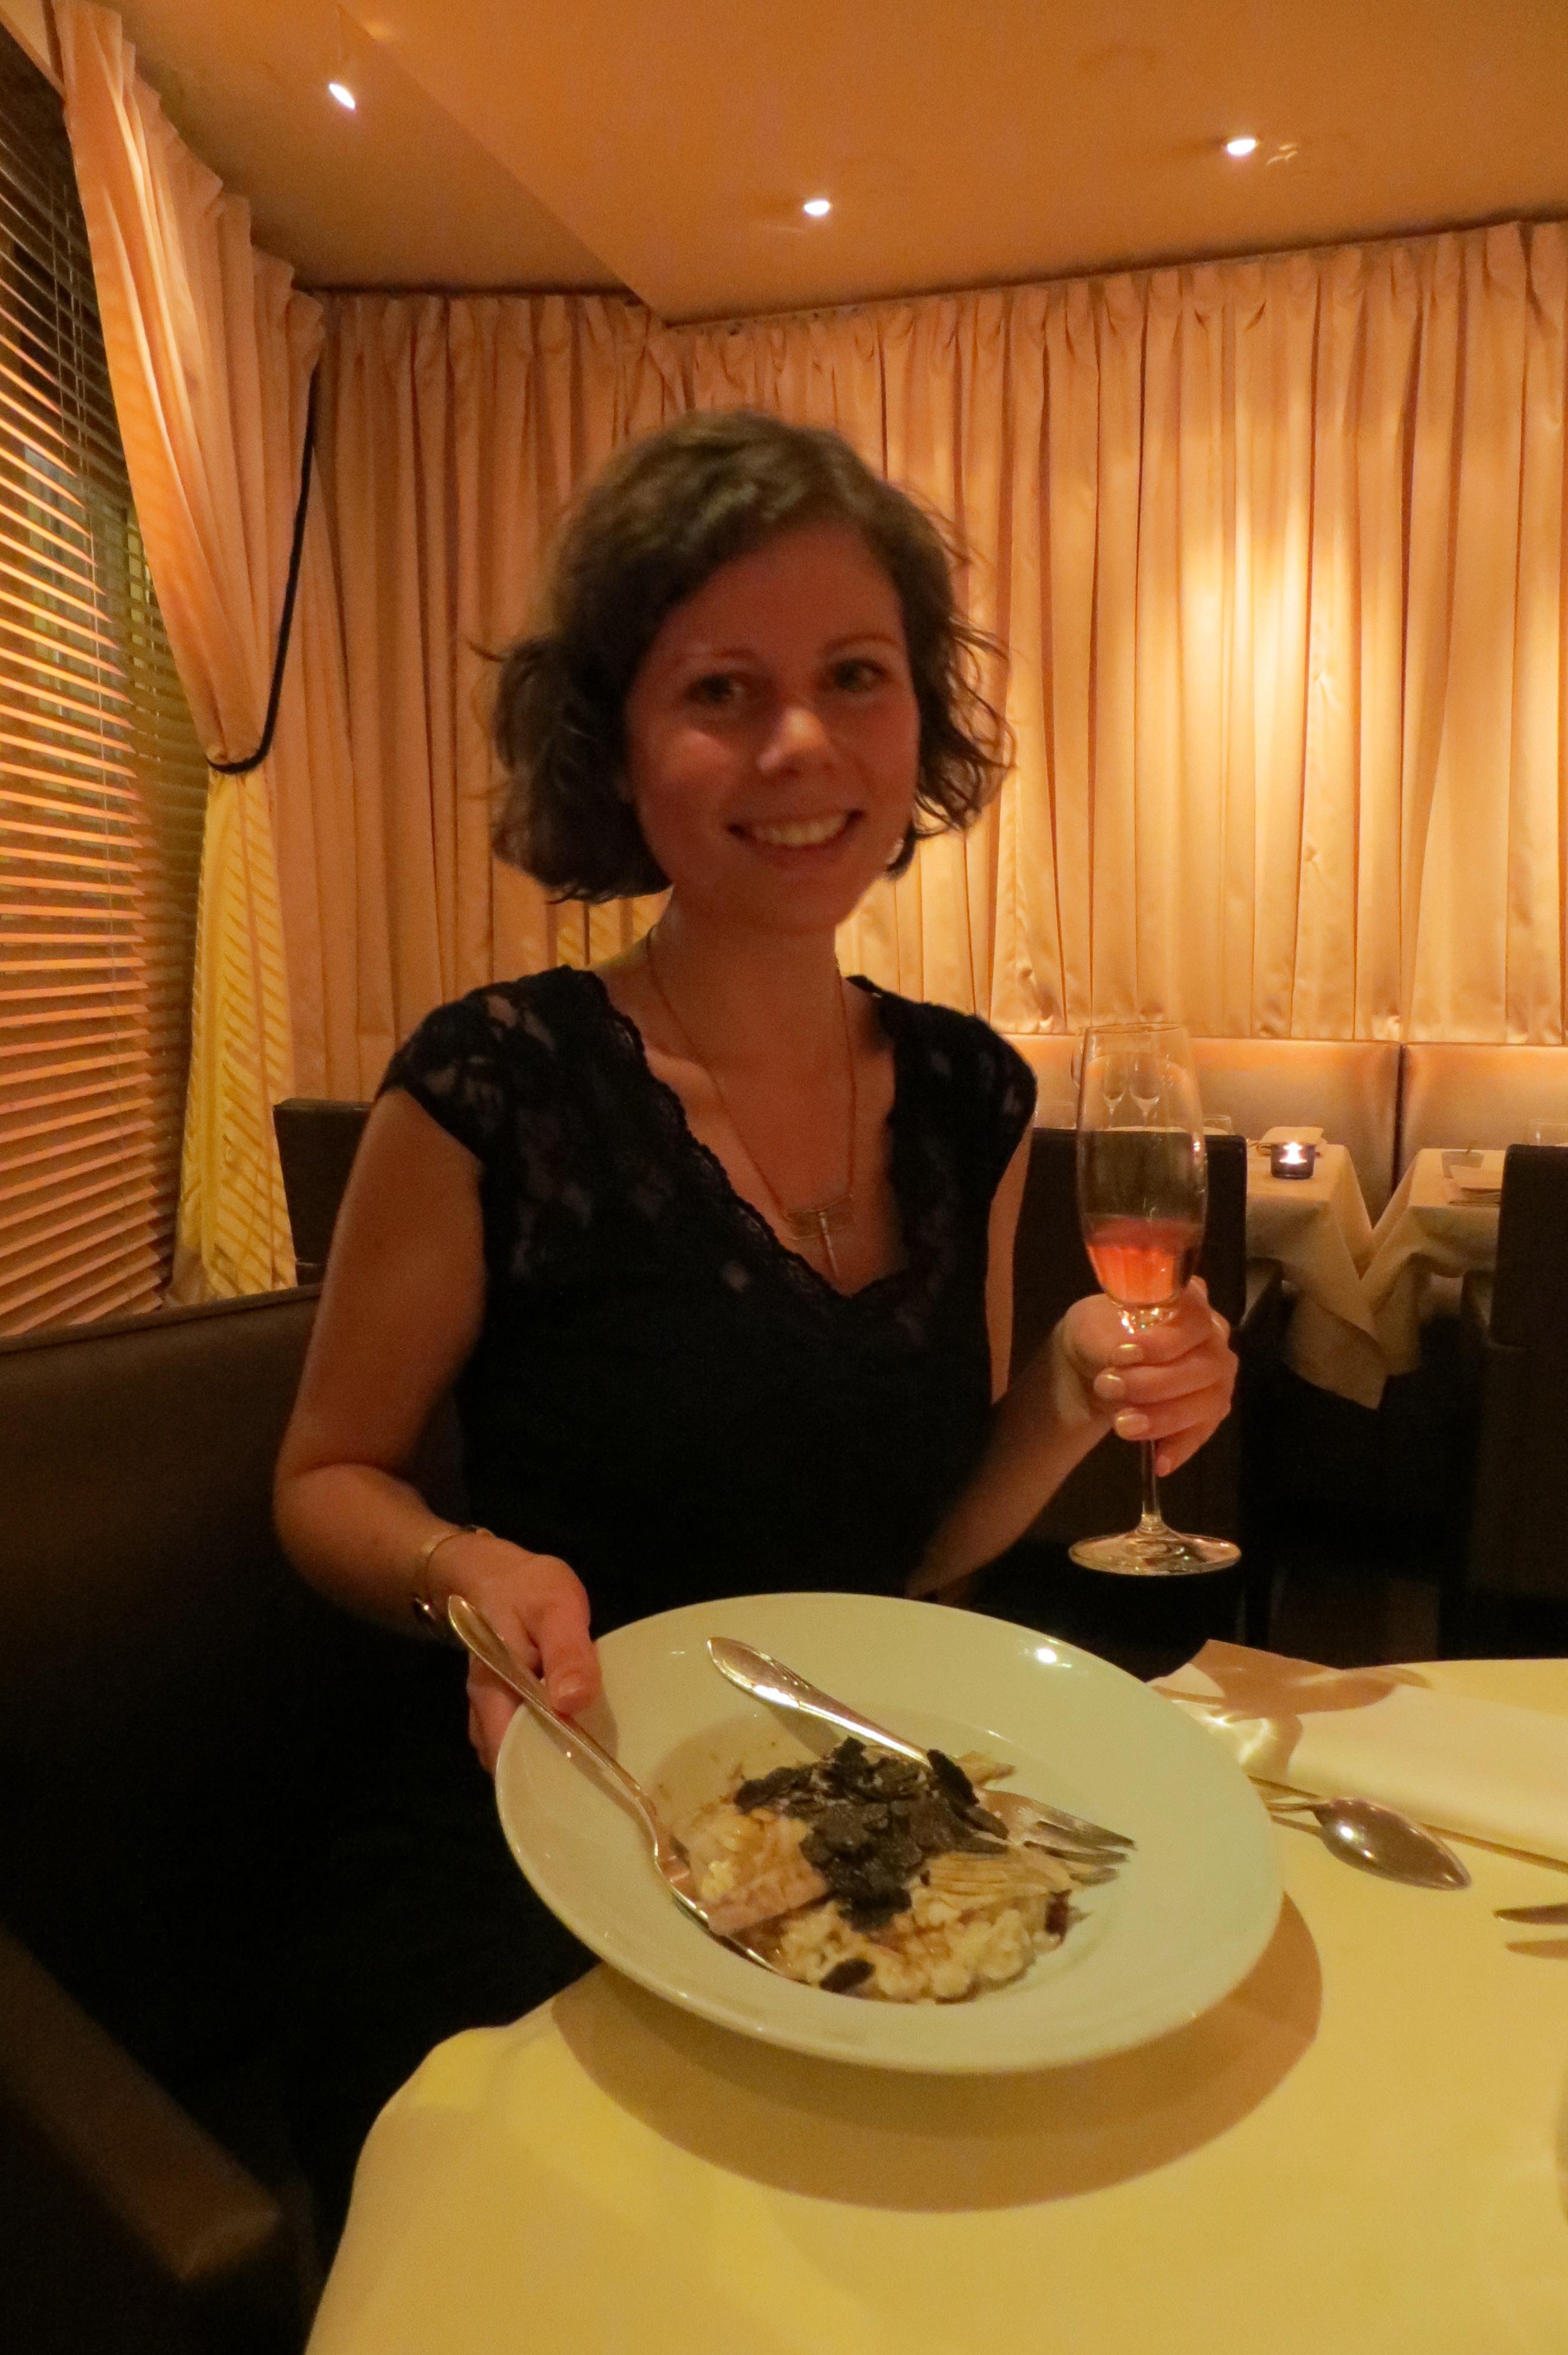 Drouant, A gastronomic restaurant